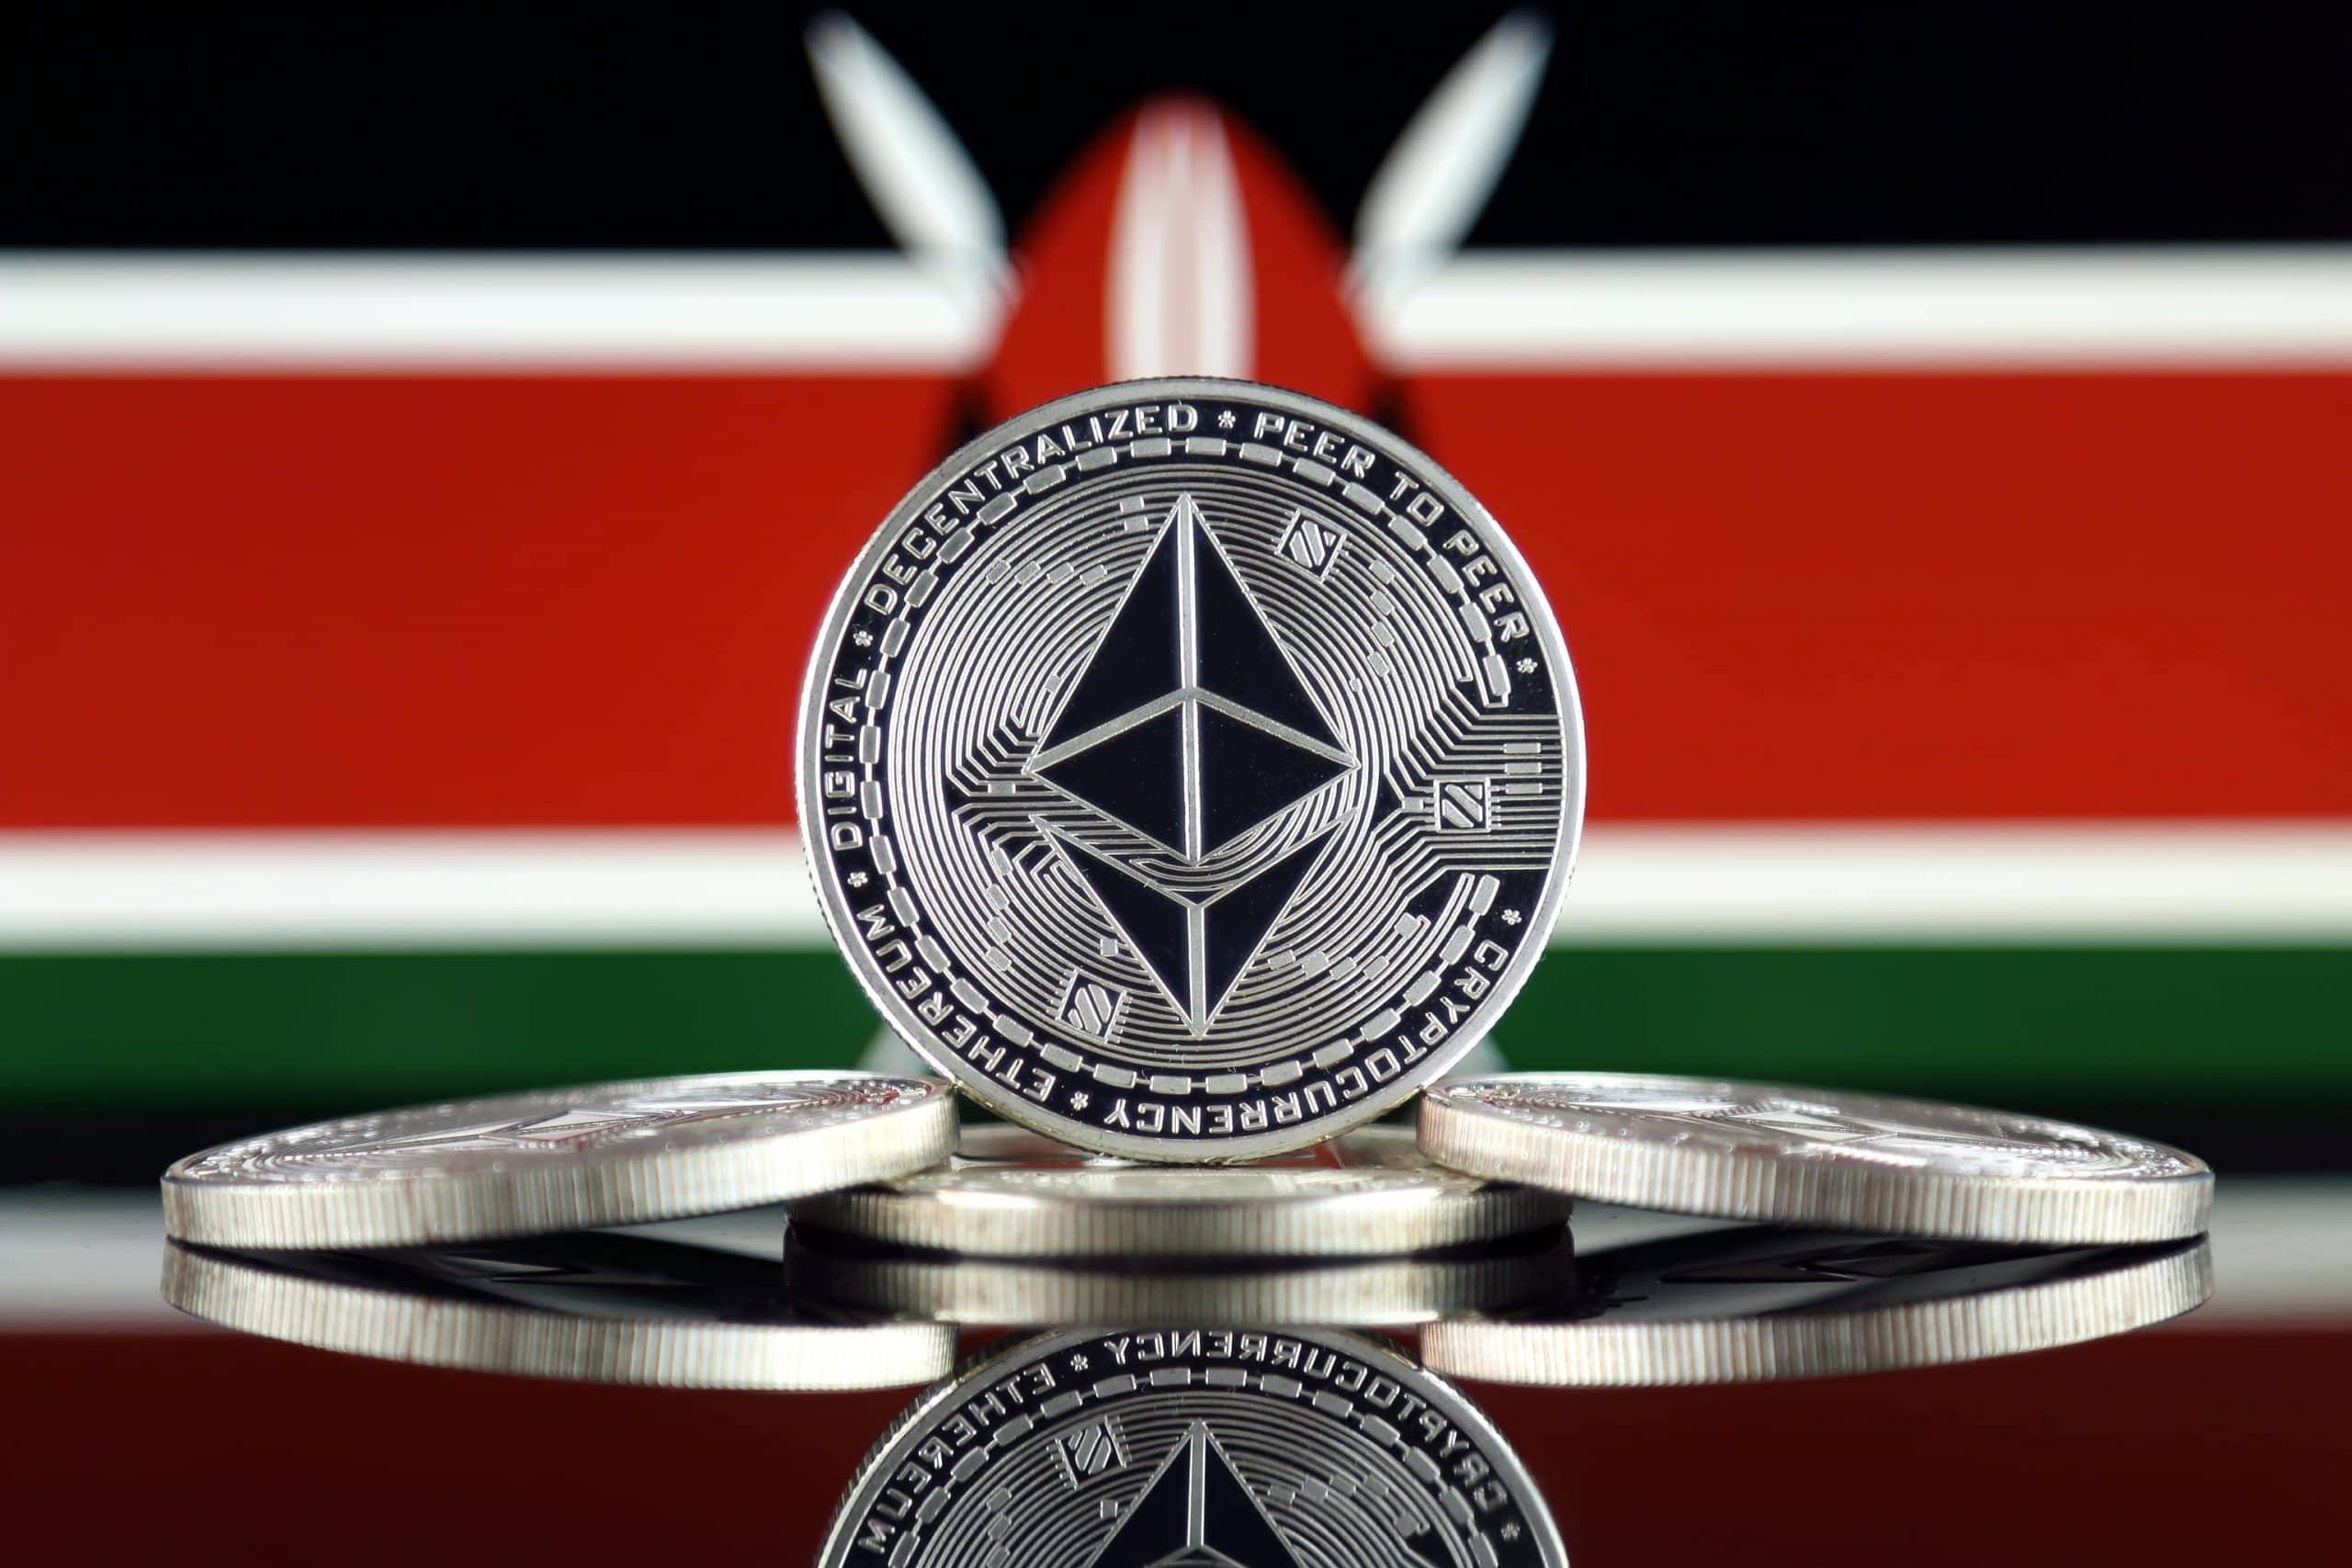 Ethreum Münzen vor der Flagge von Kenia